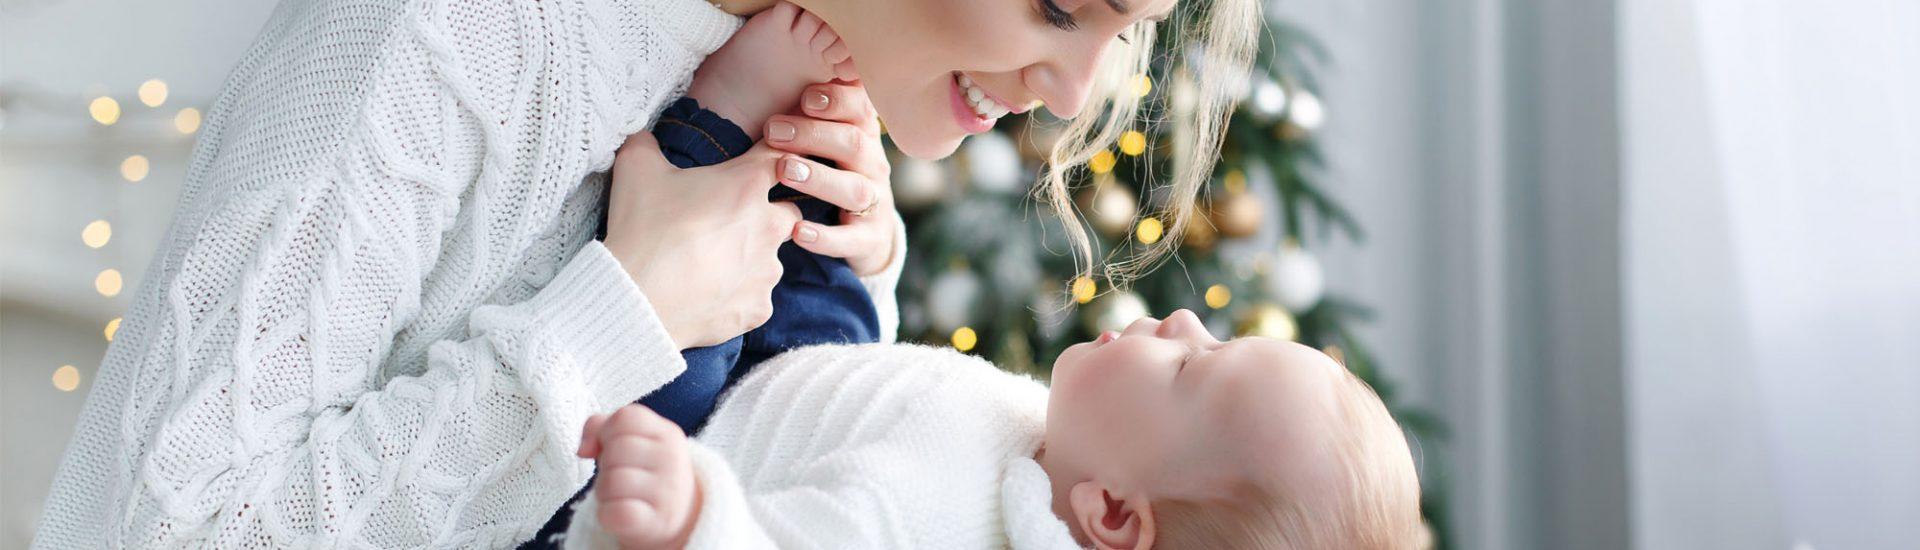 Weihnachtsgeschenke für Babys - Top 10 Inspirationen